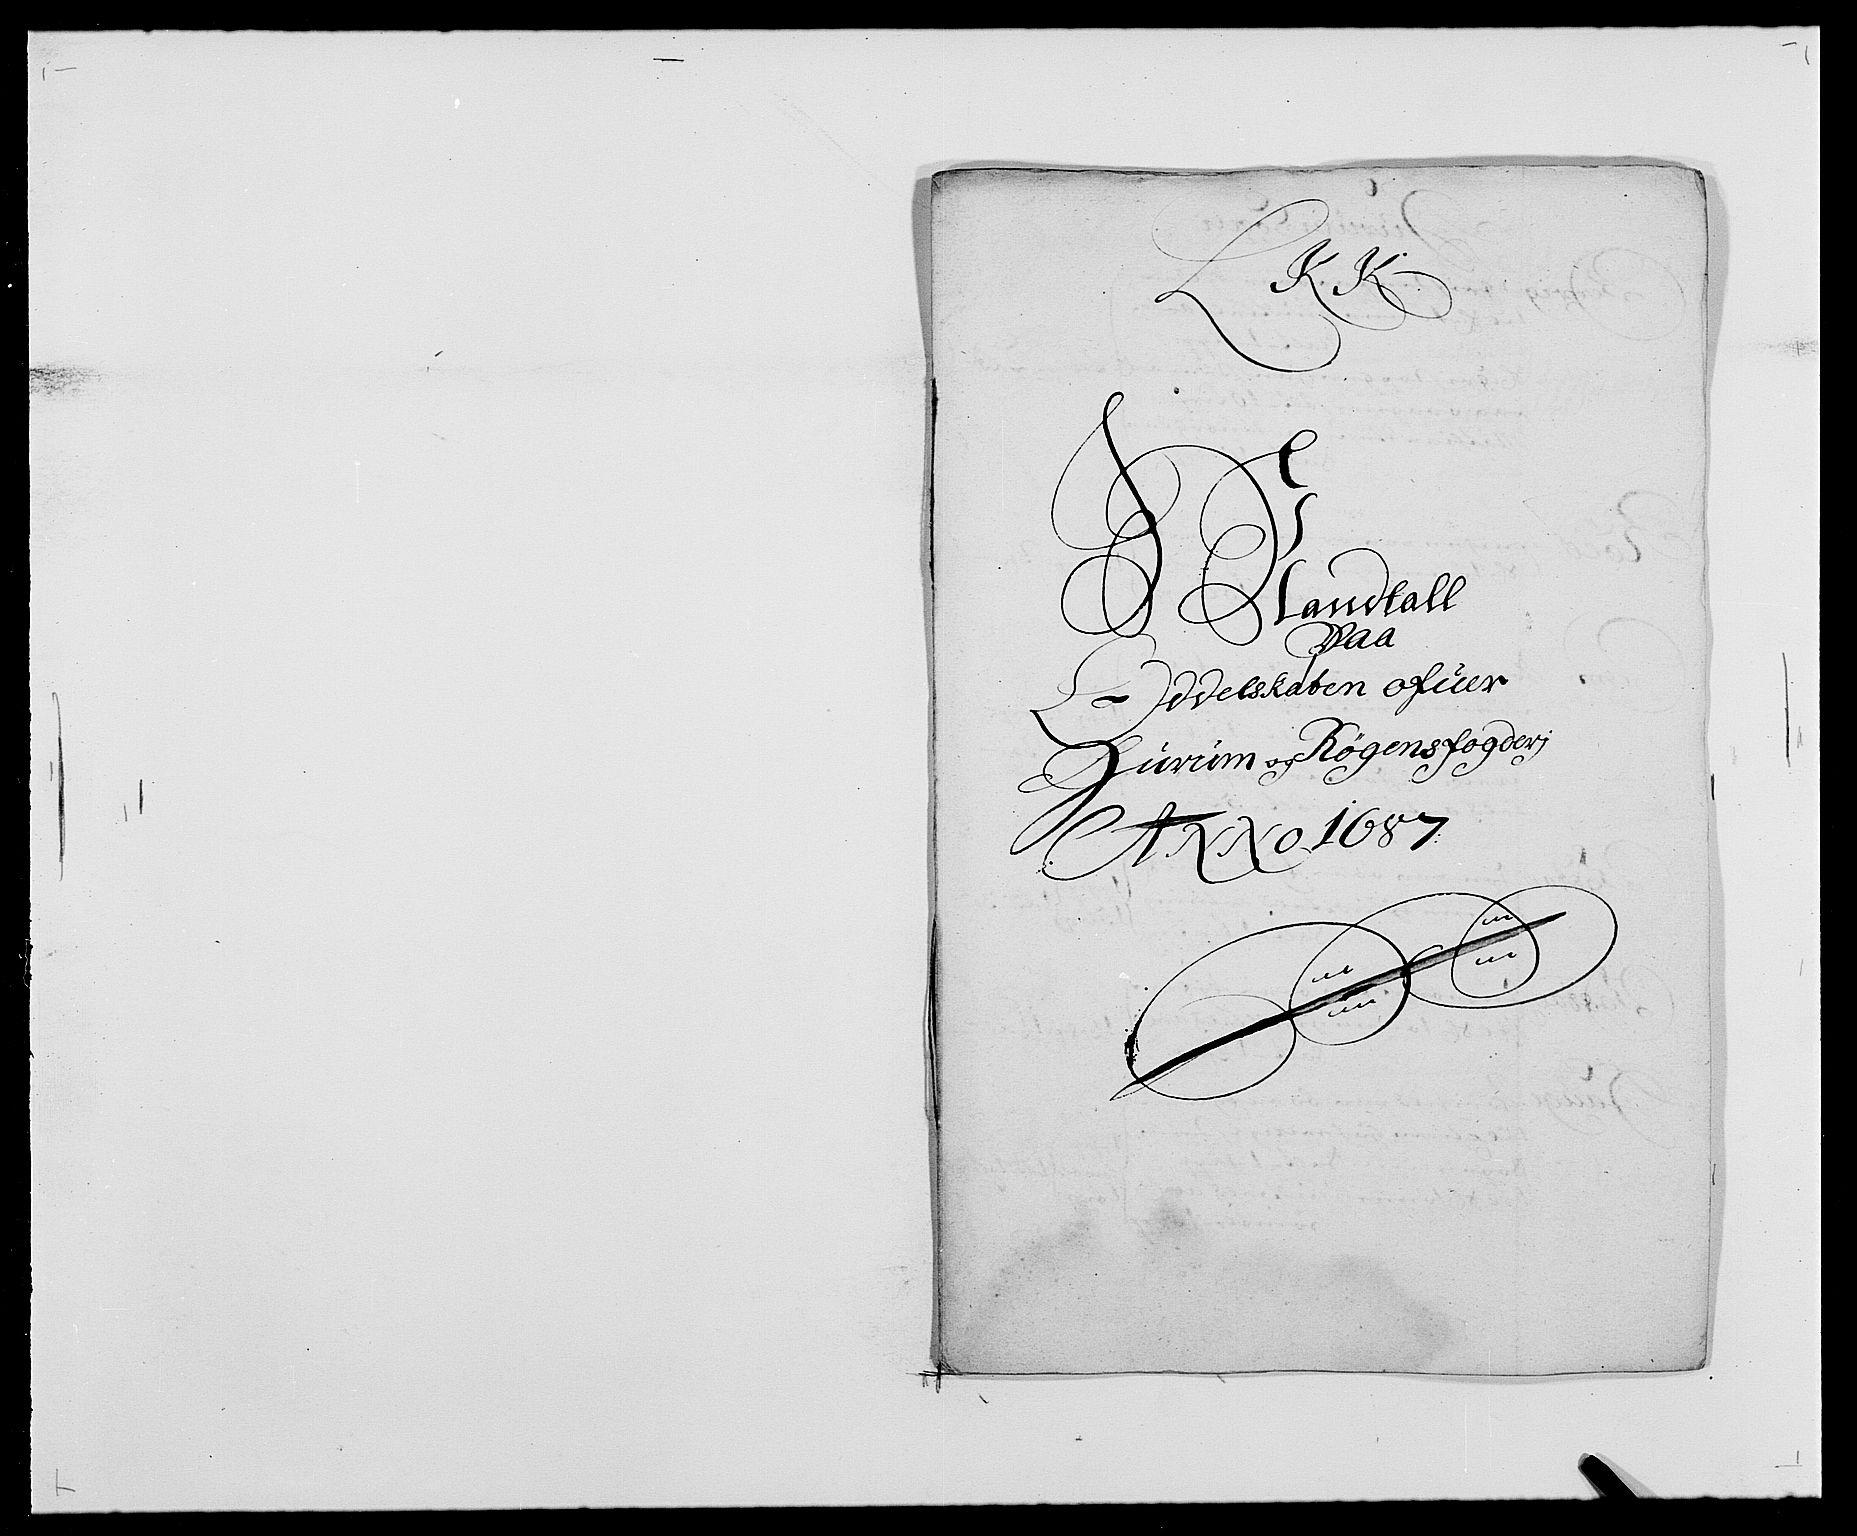 RA, Rentekammeret inntil 1814, Reviderte regnskaper, Fogderegnskap, R29/L1692: Fogderegnskap Hurum og Røyken, 1682-1687, s. 319